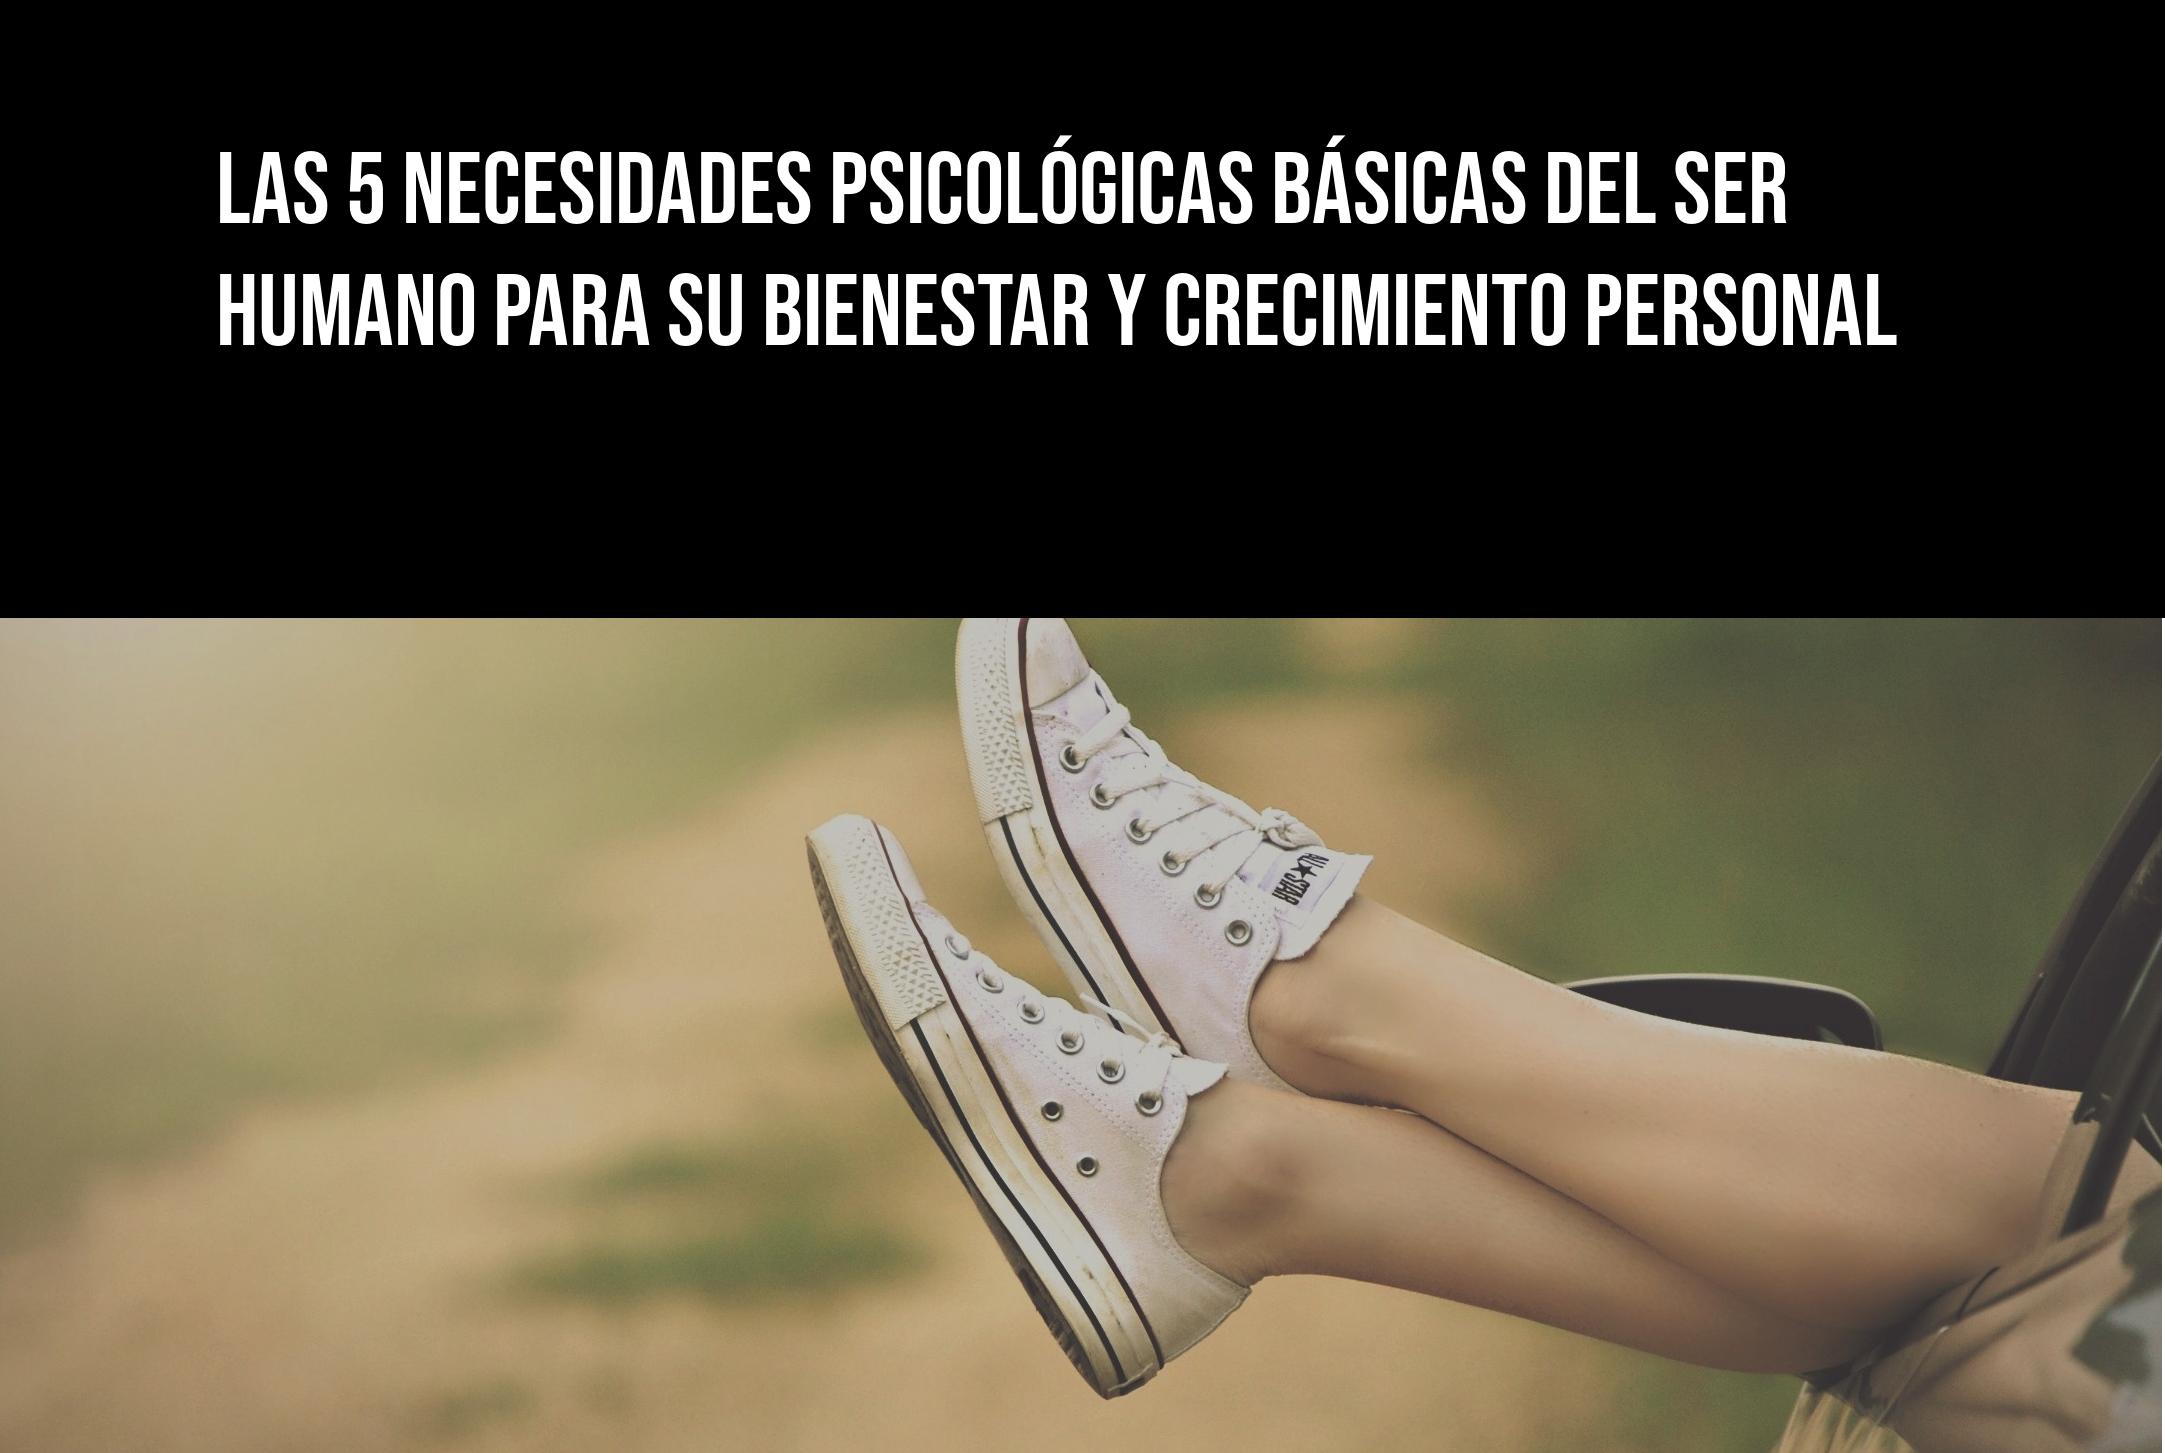 Las 5 necesidades psicológicas básicas del ser humano para su crecimiento personal